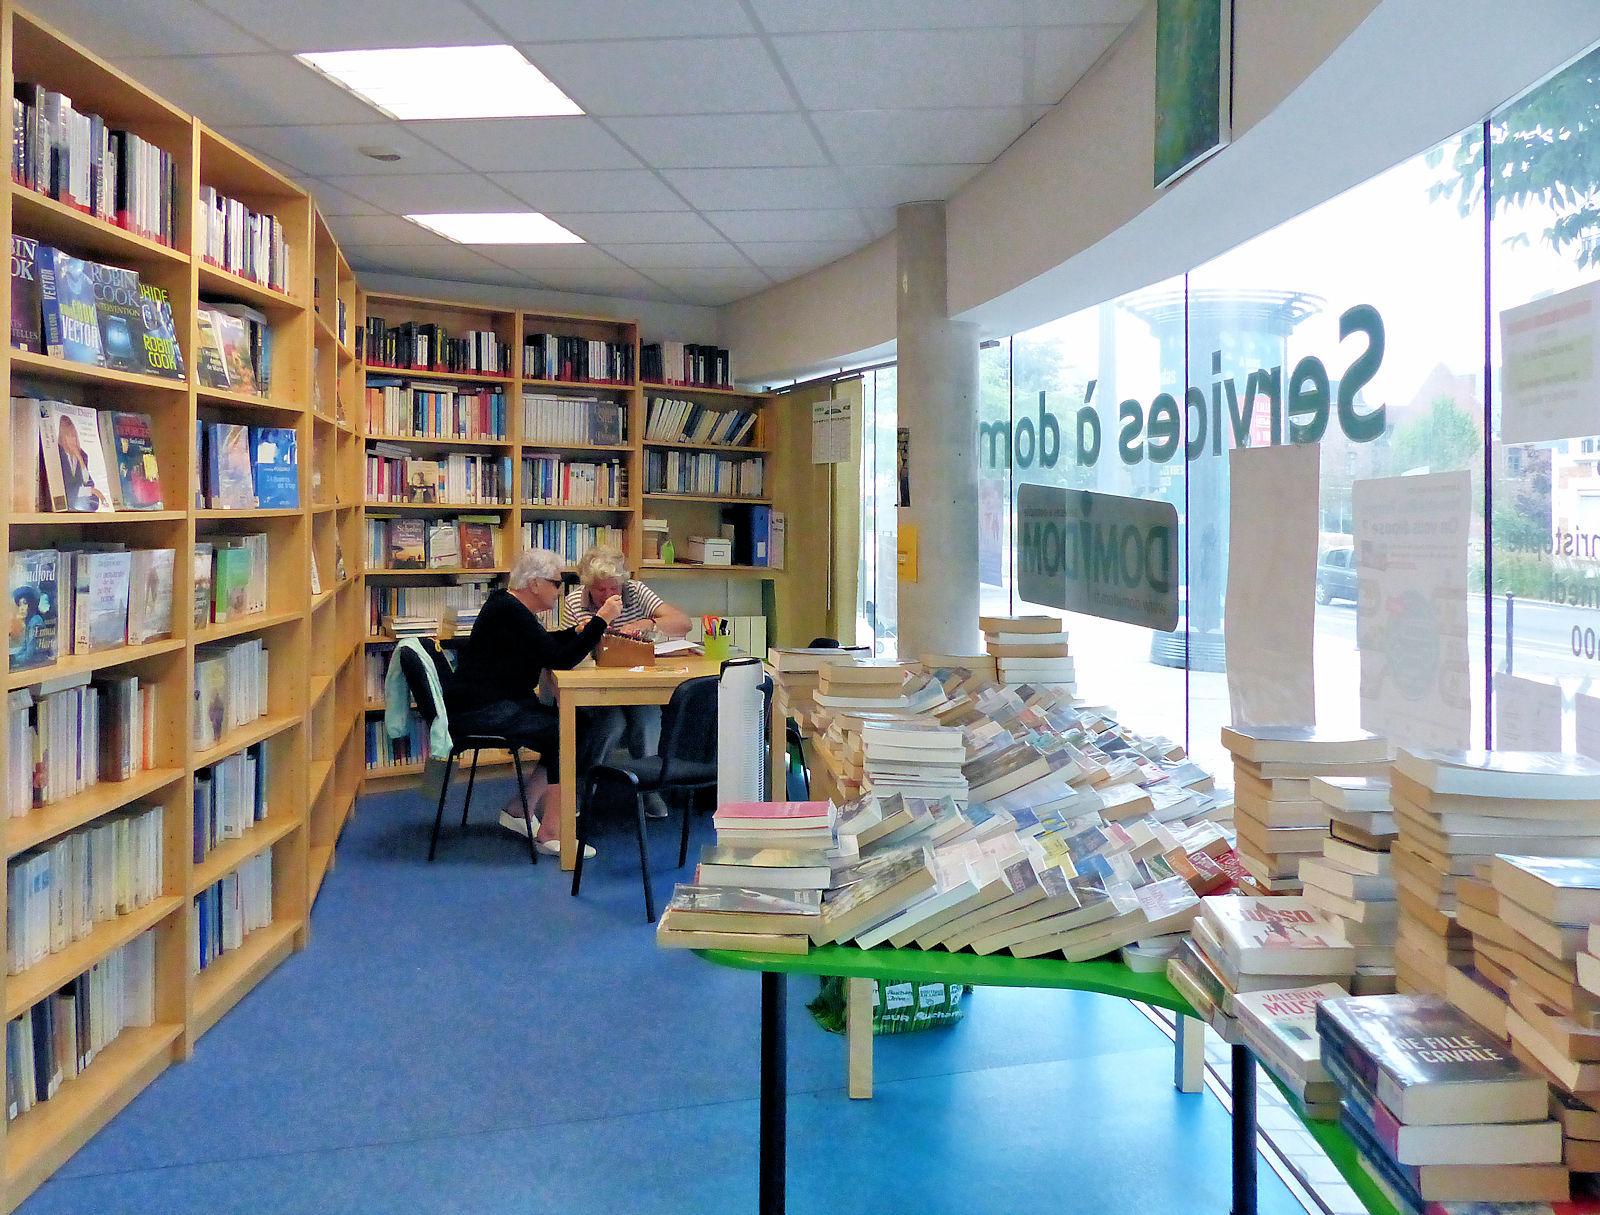 Bibliothèque Saint-Christophe Tourcoing - Les bibliothécaires